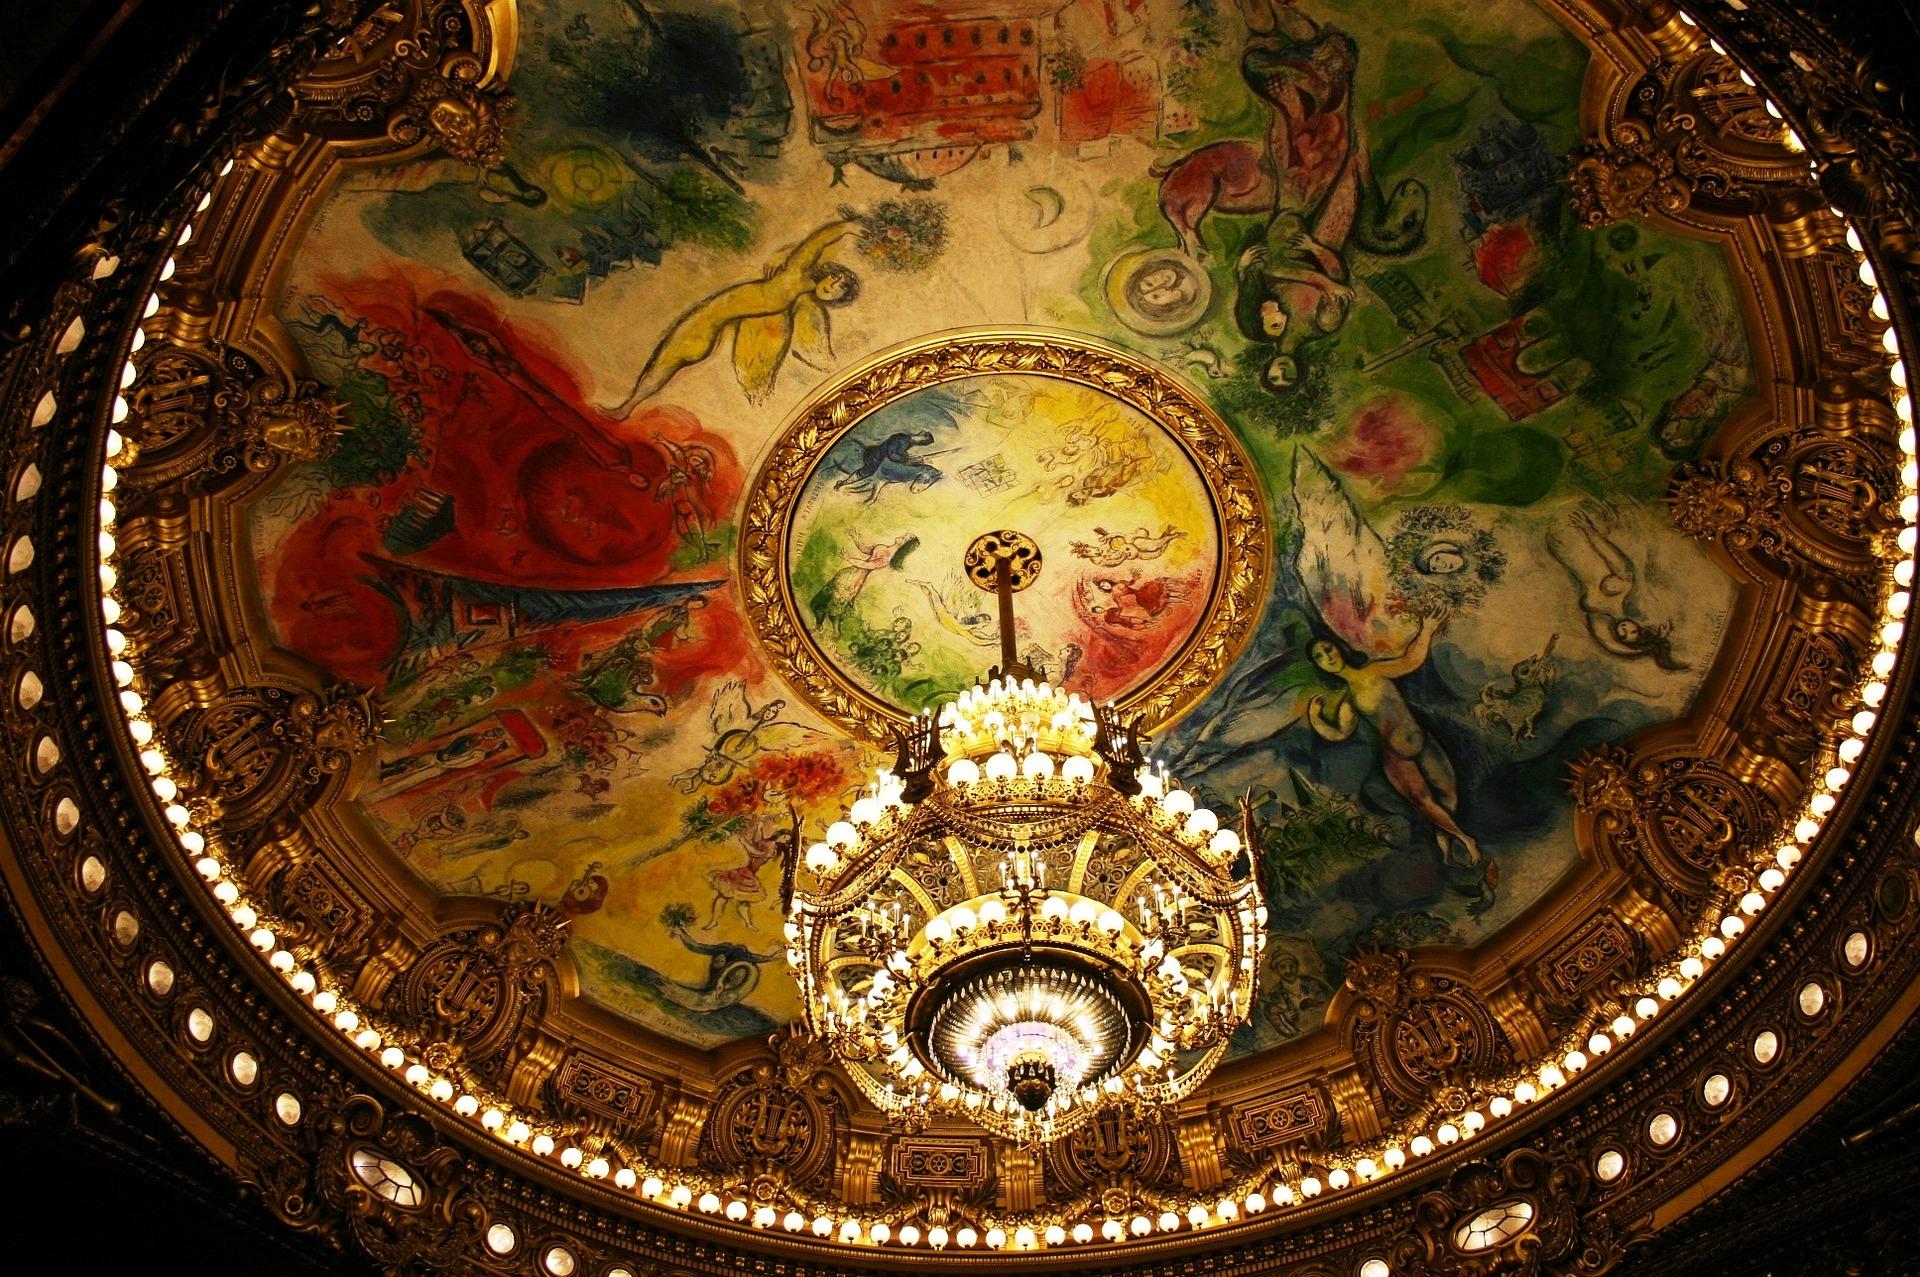 Chandelier at the Opera Garnier in Paris